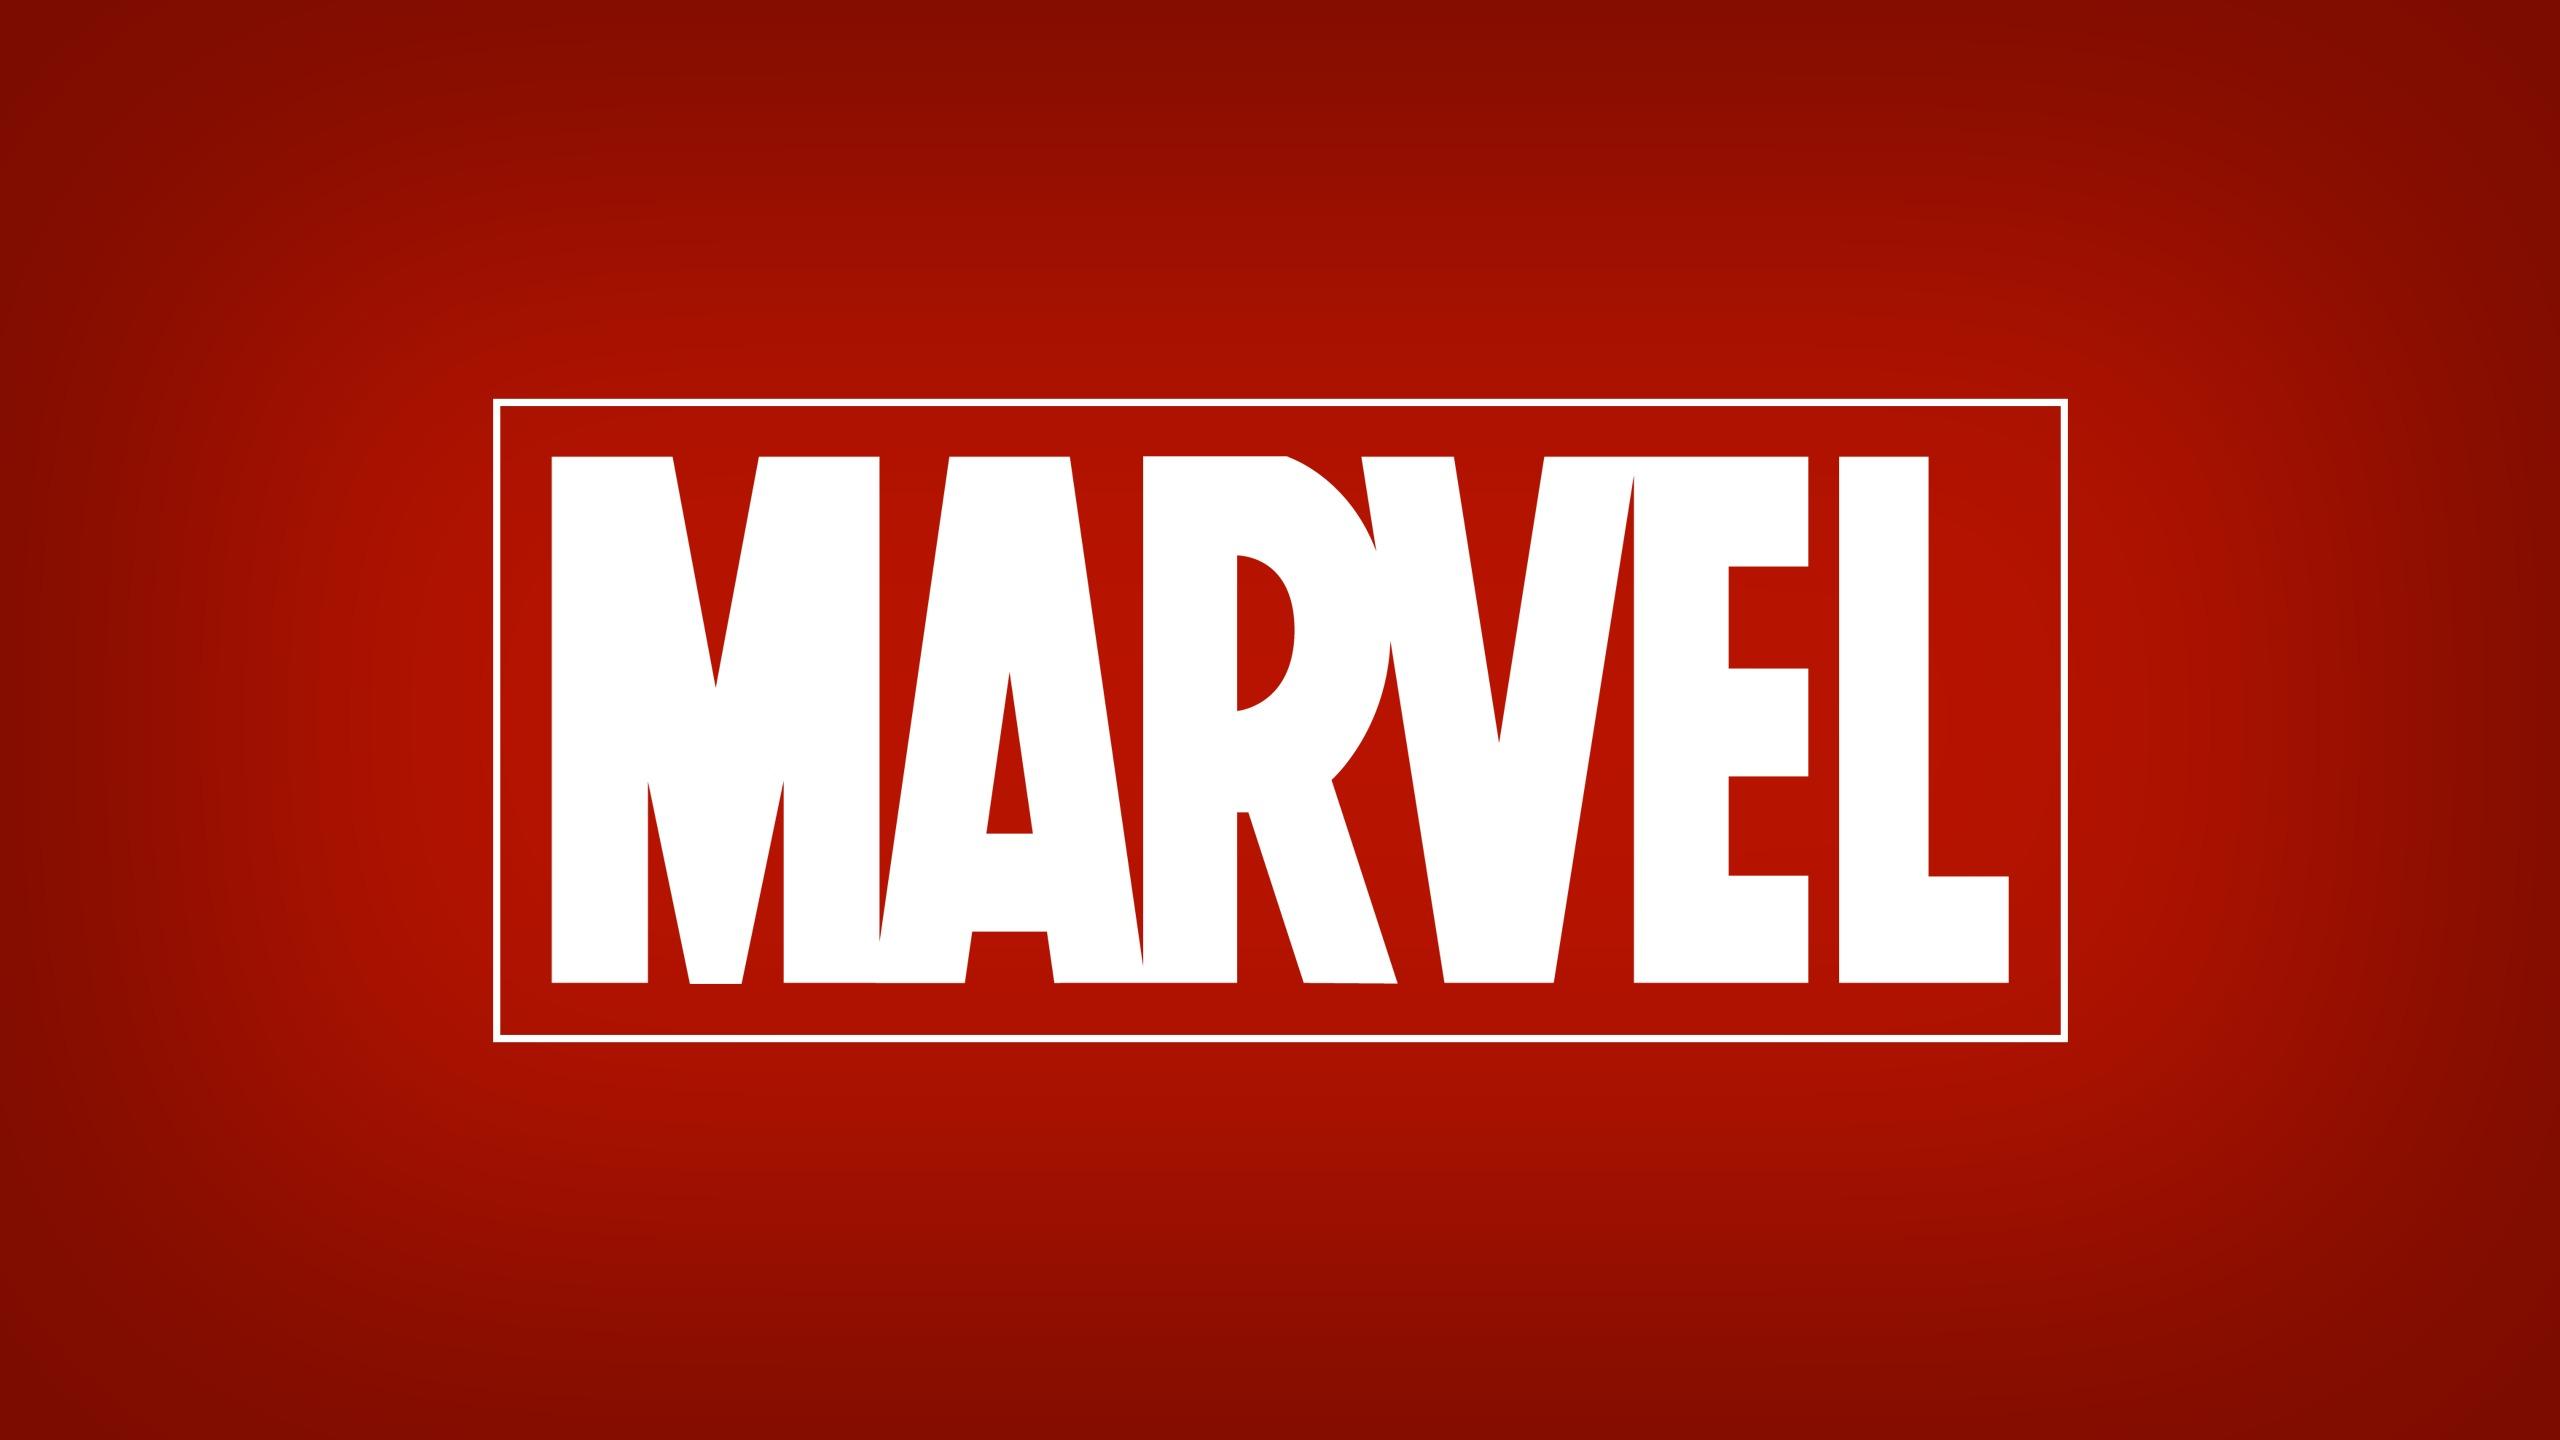 Marvel Comics Fond Décran Hd Arrière Plan 2560x1440